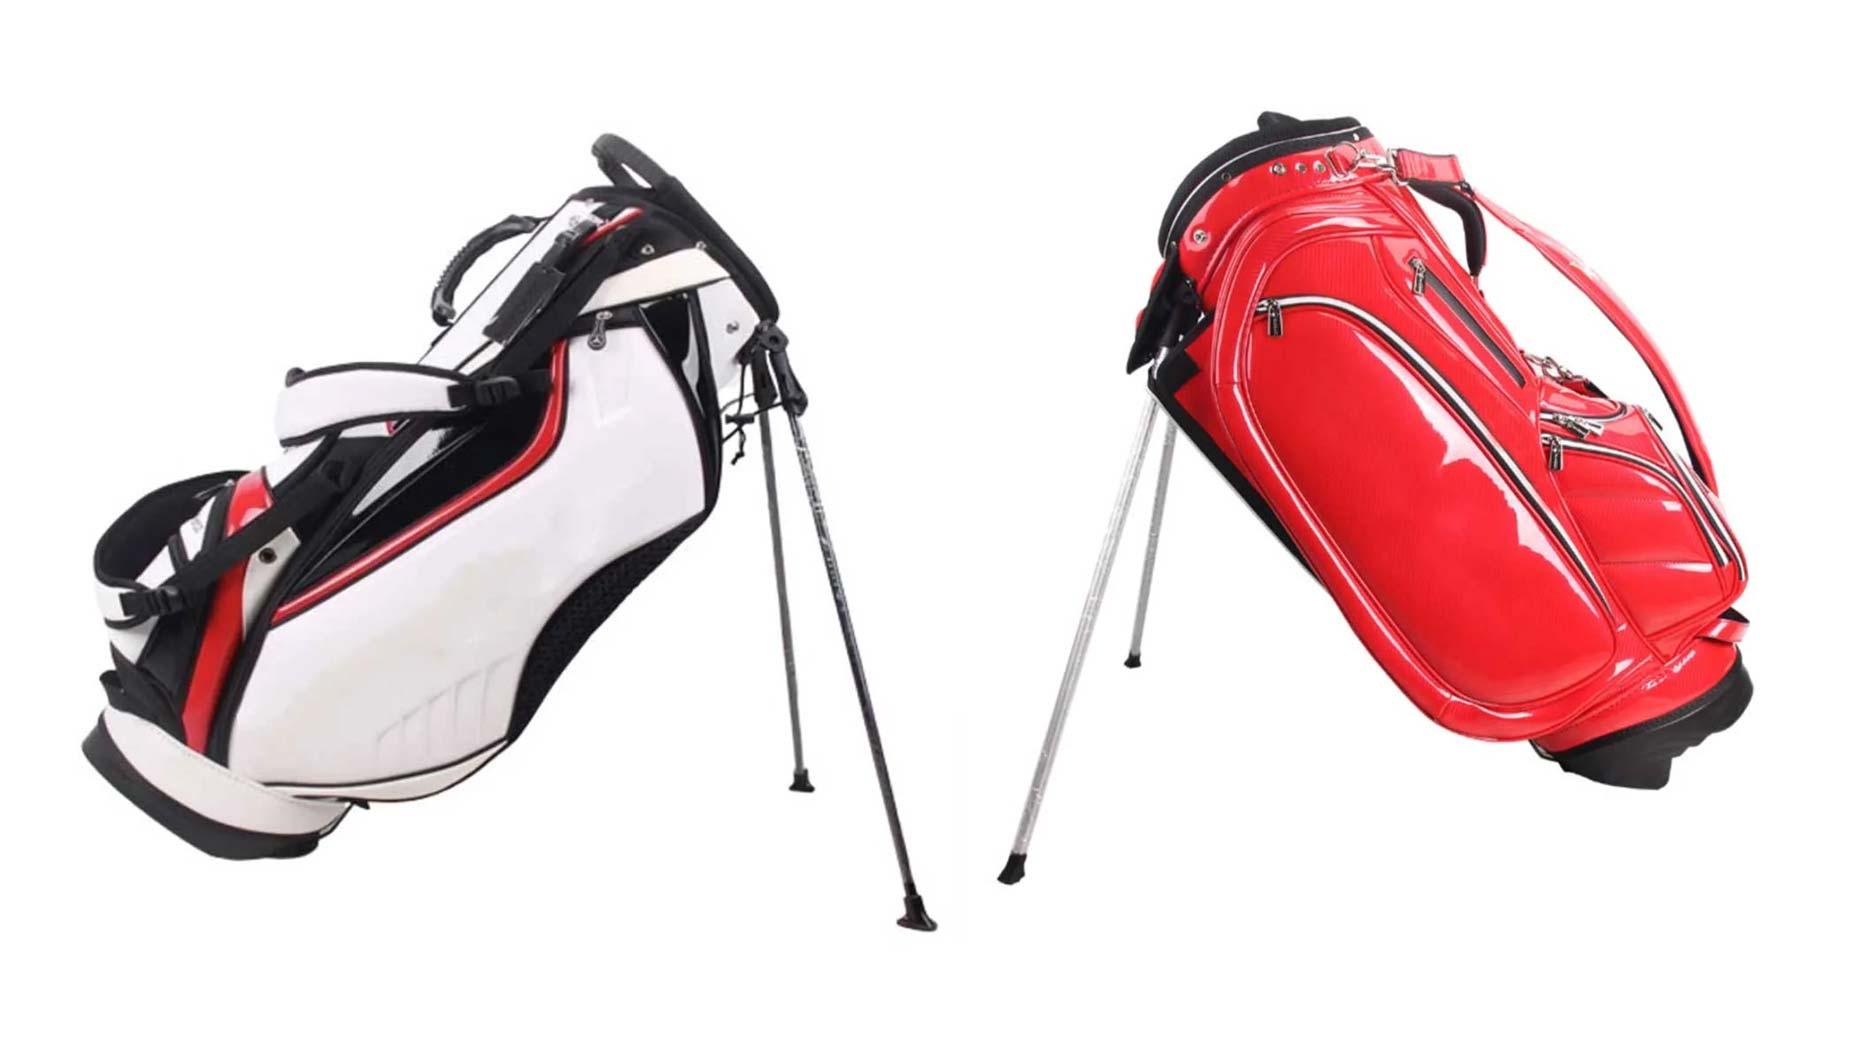 orca golf bags